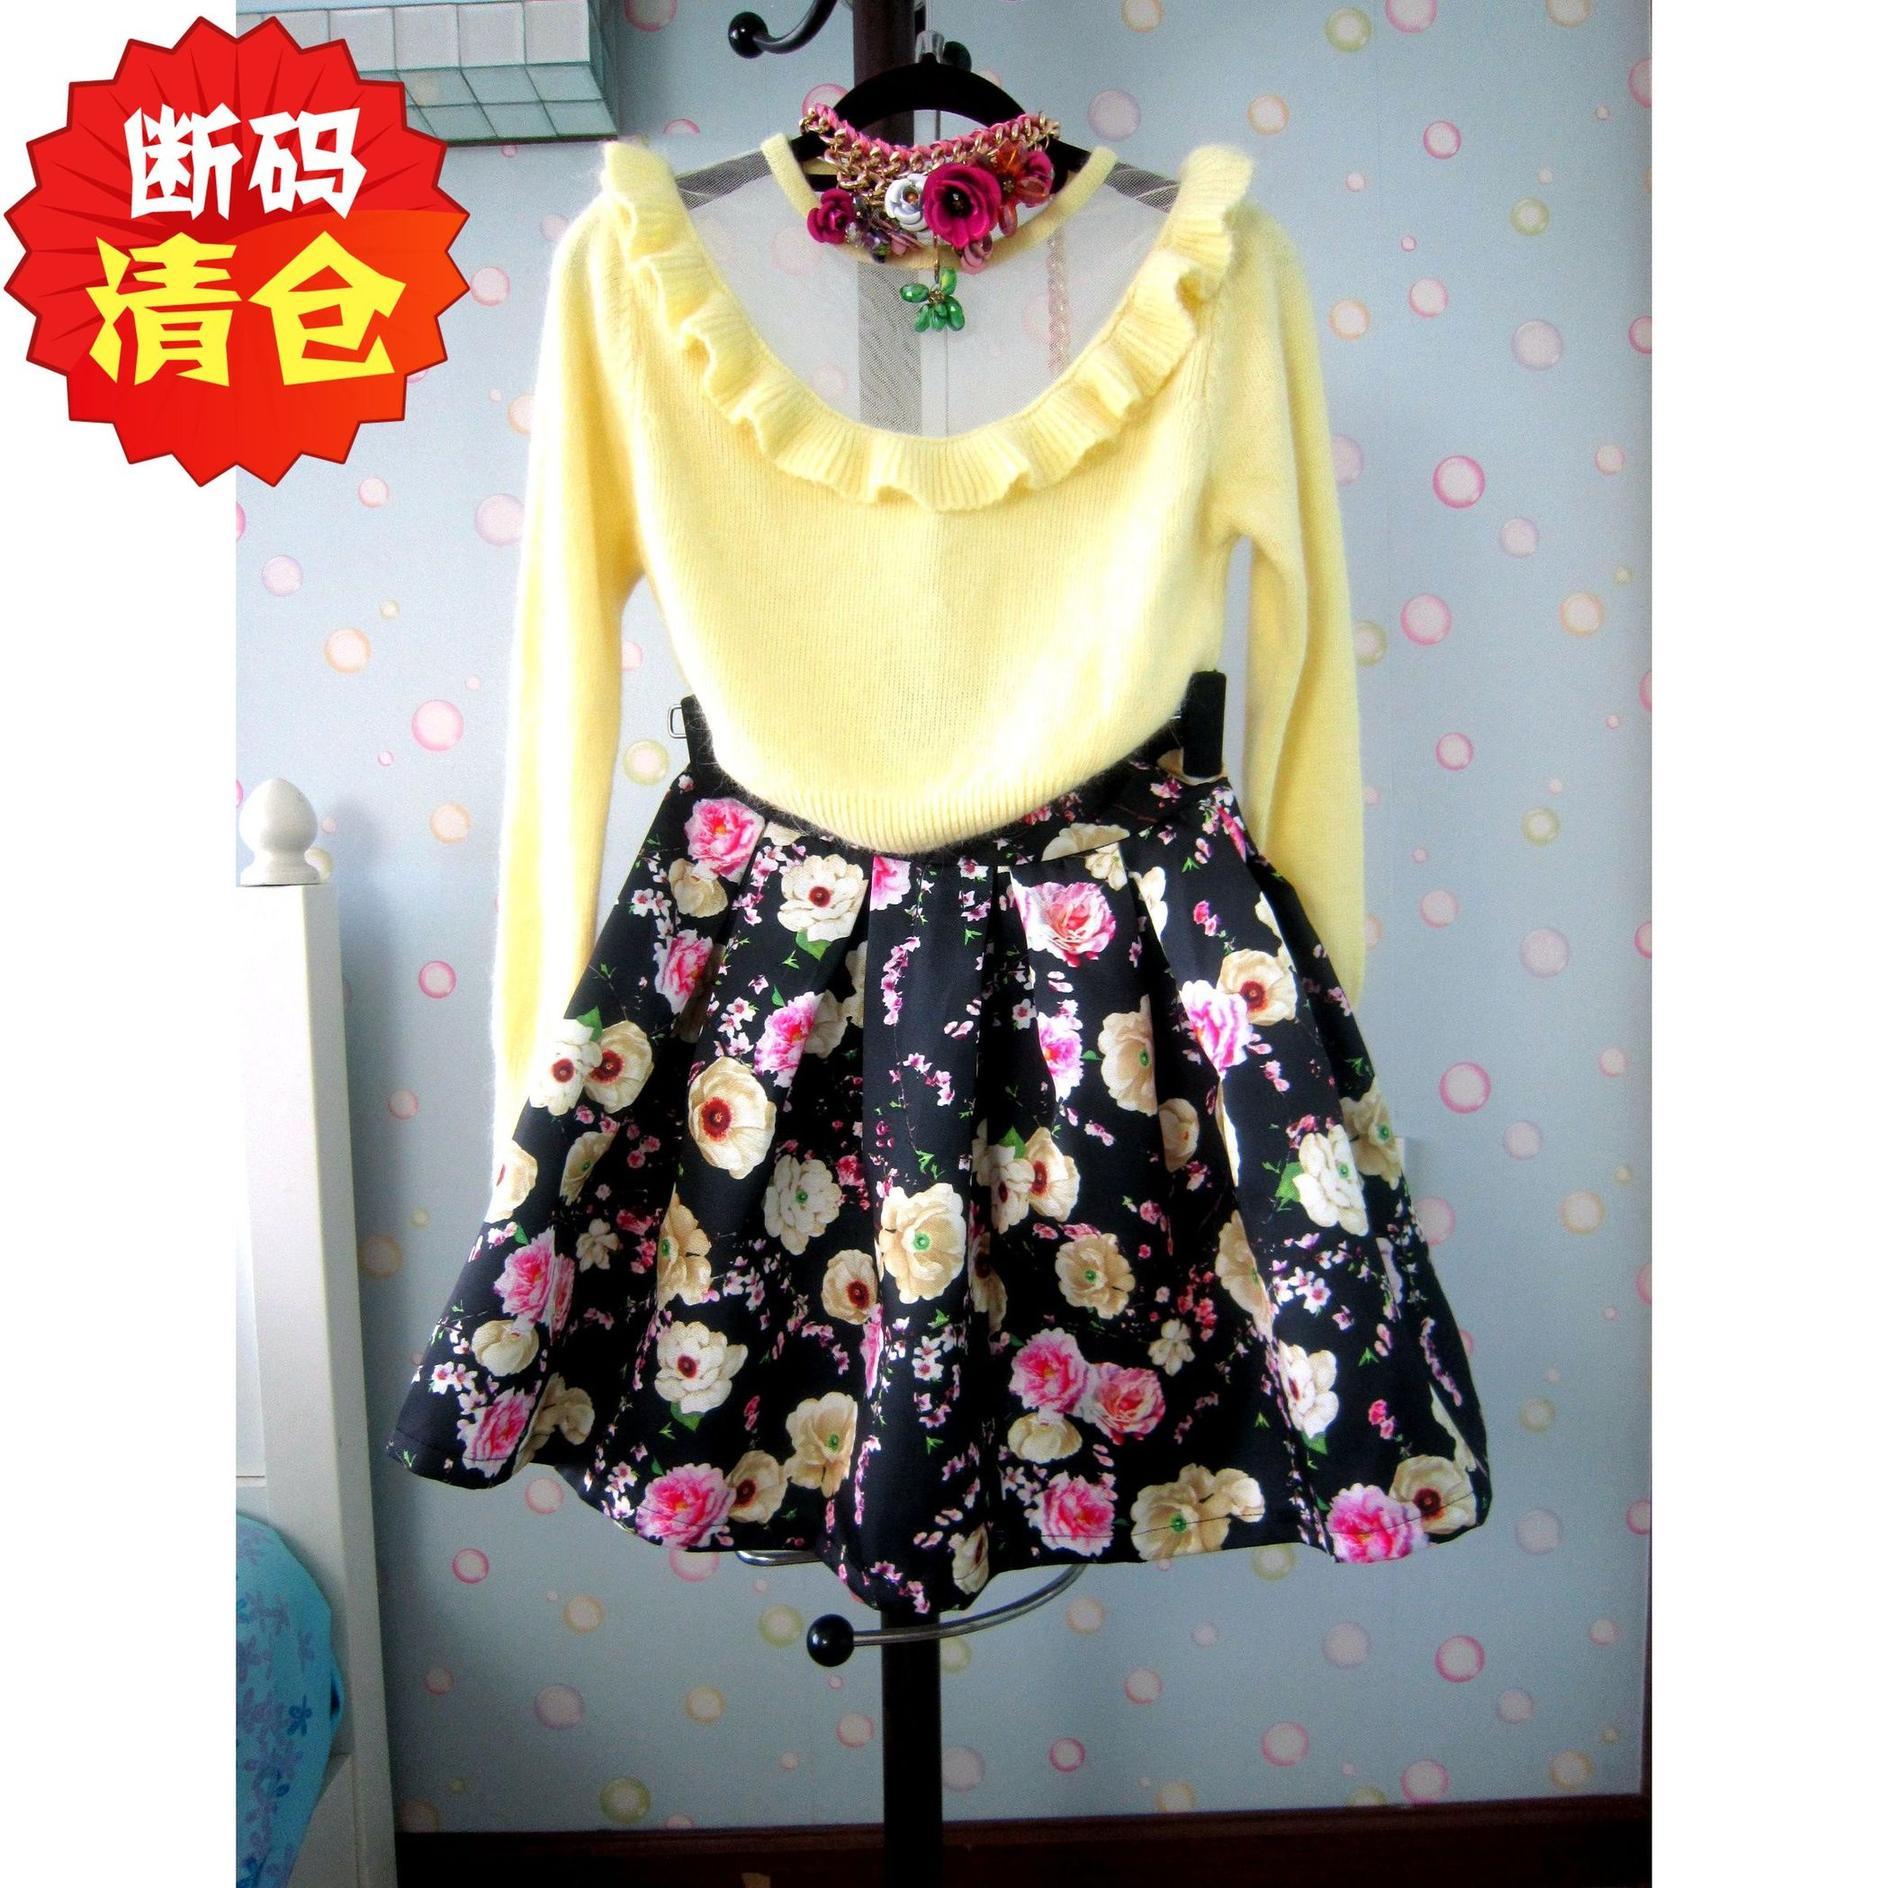 特价夏装新款花朵复古高腰蓬蓬裙中长裙a字大摆伞裙半身裙女装